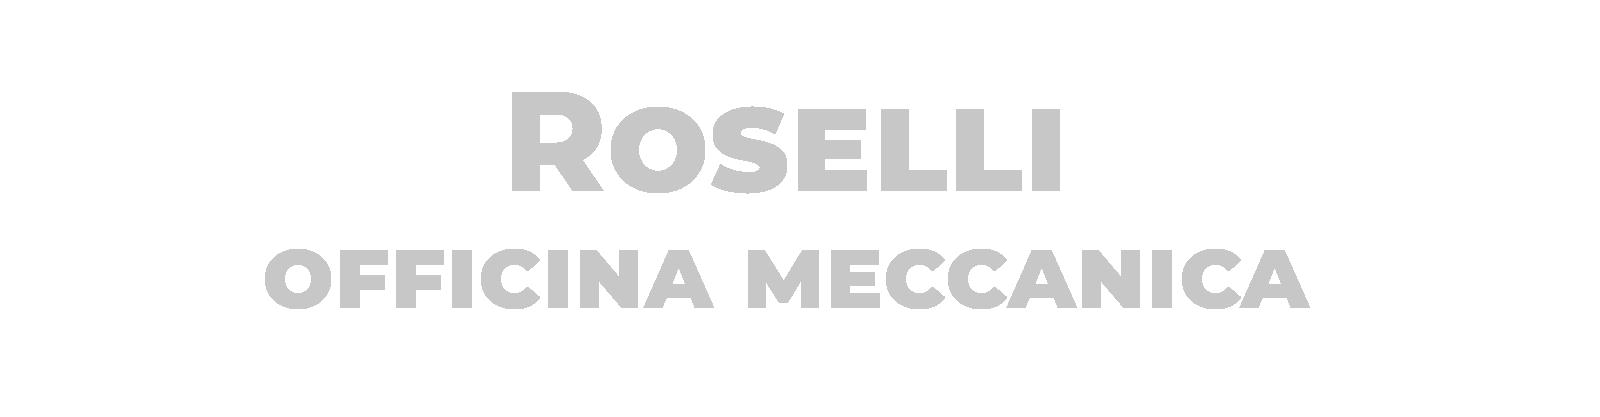 roselli officina meccanica